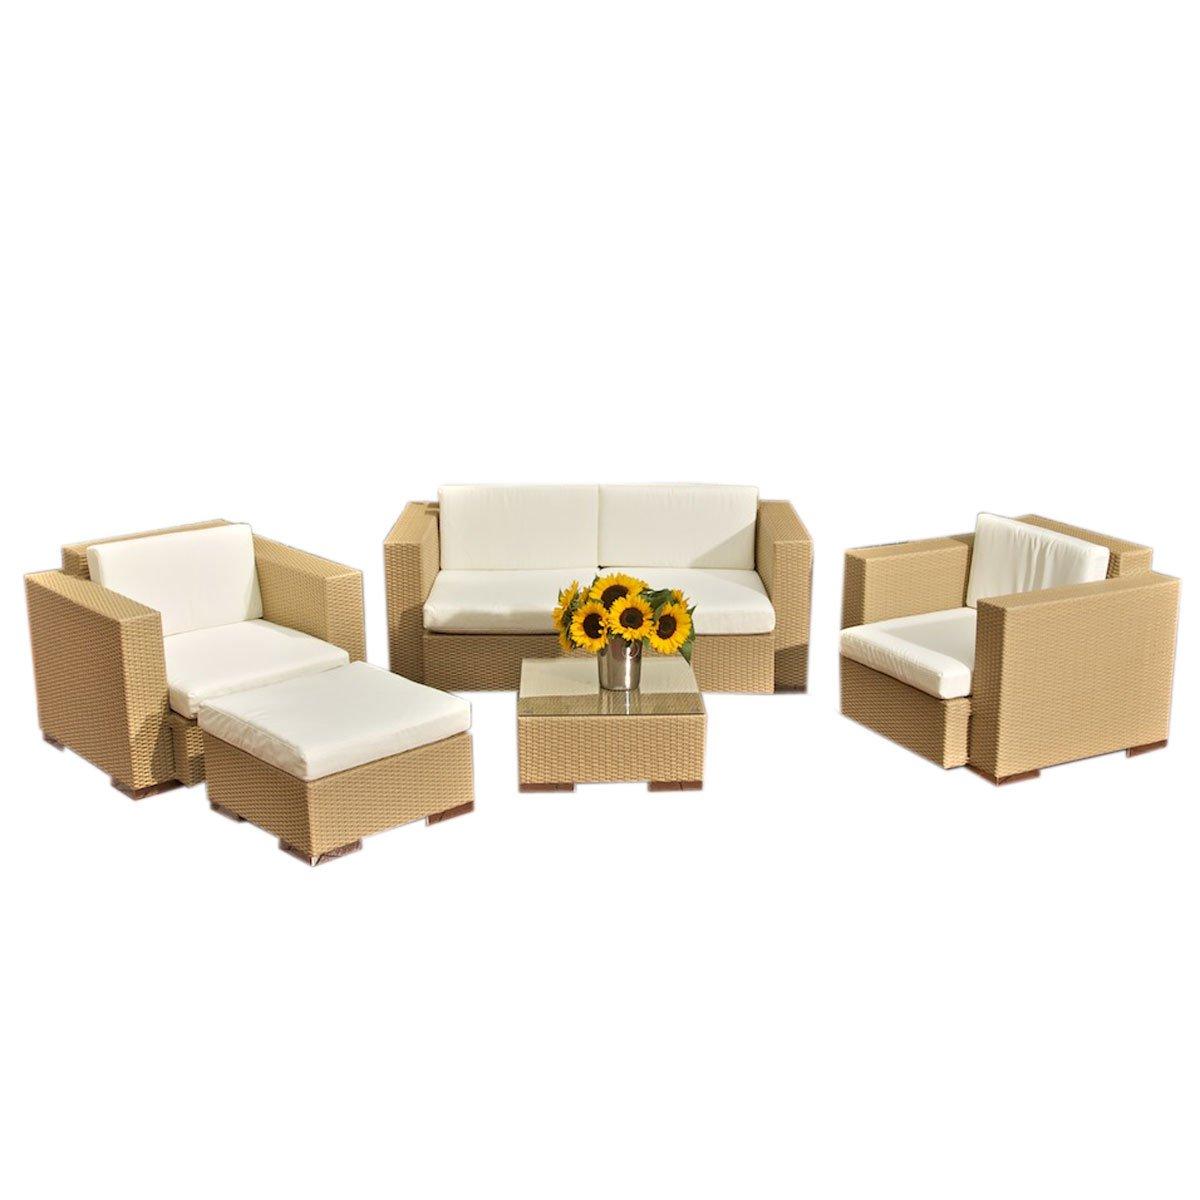 Conjunto de jard n sofa arena 2 plazas 2 individuales for Conjuntos de sofas para jardin